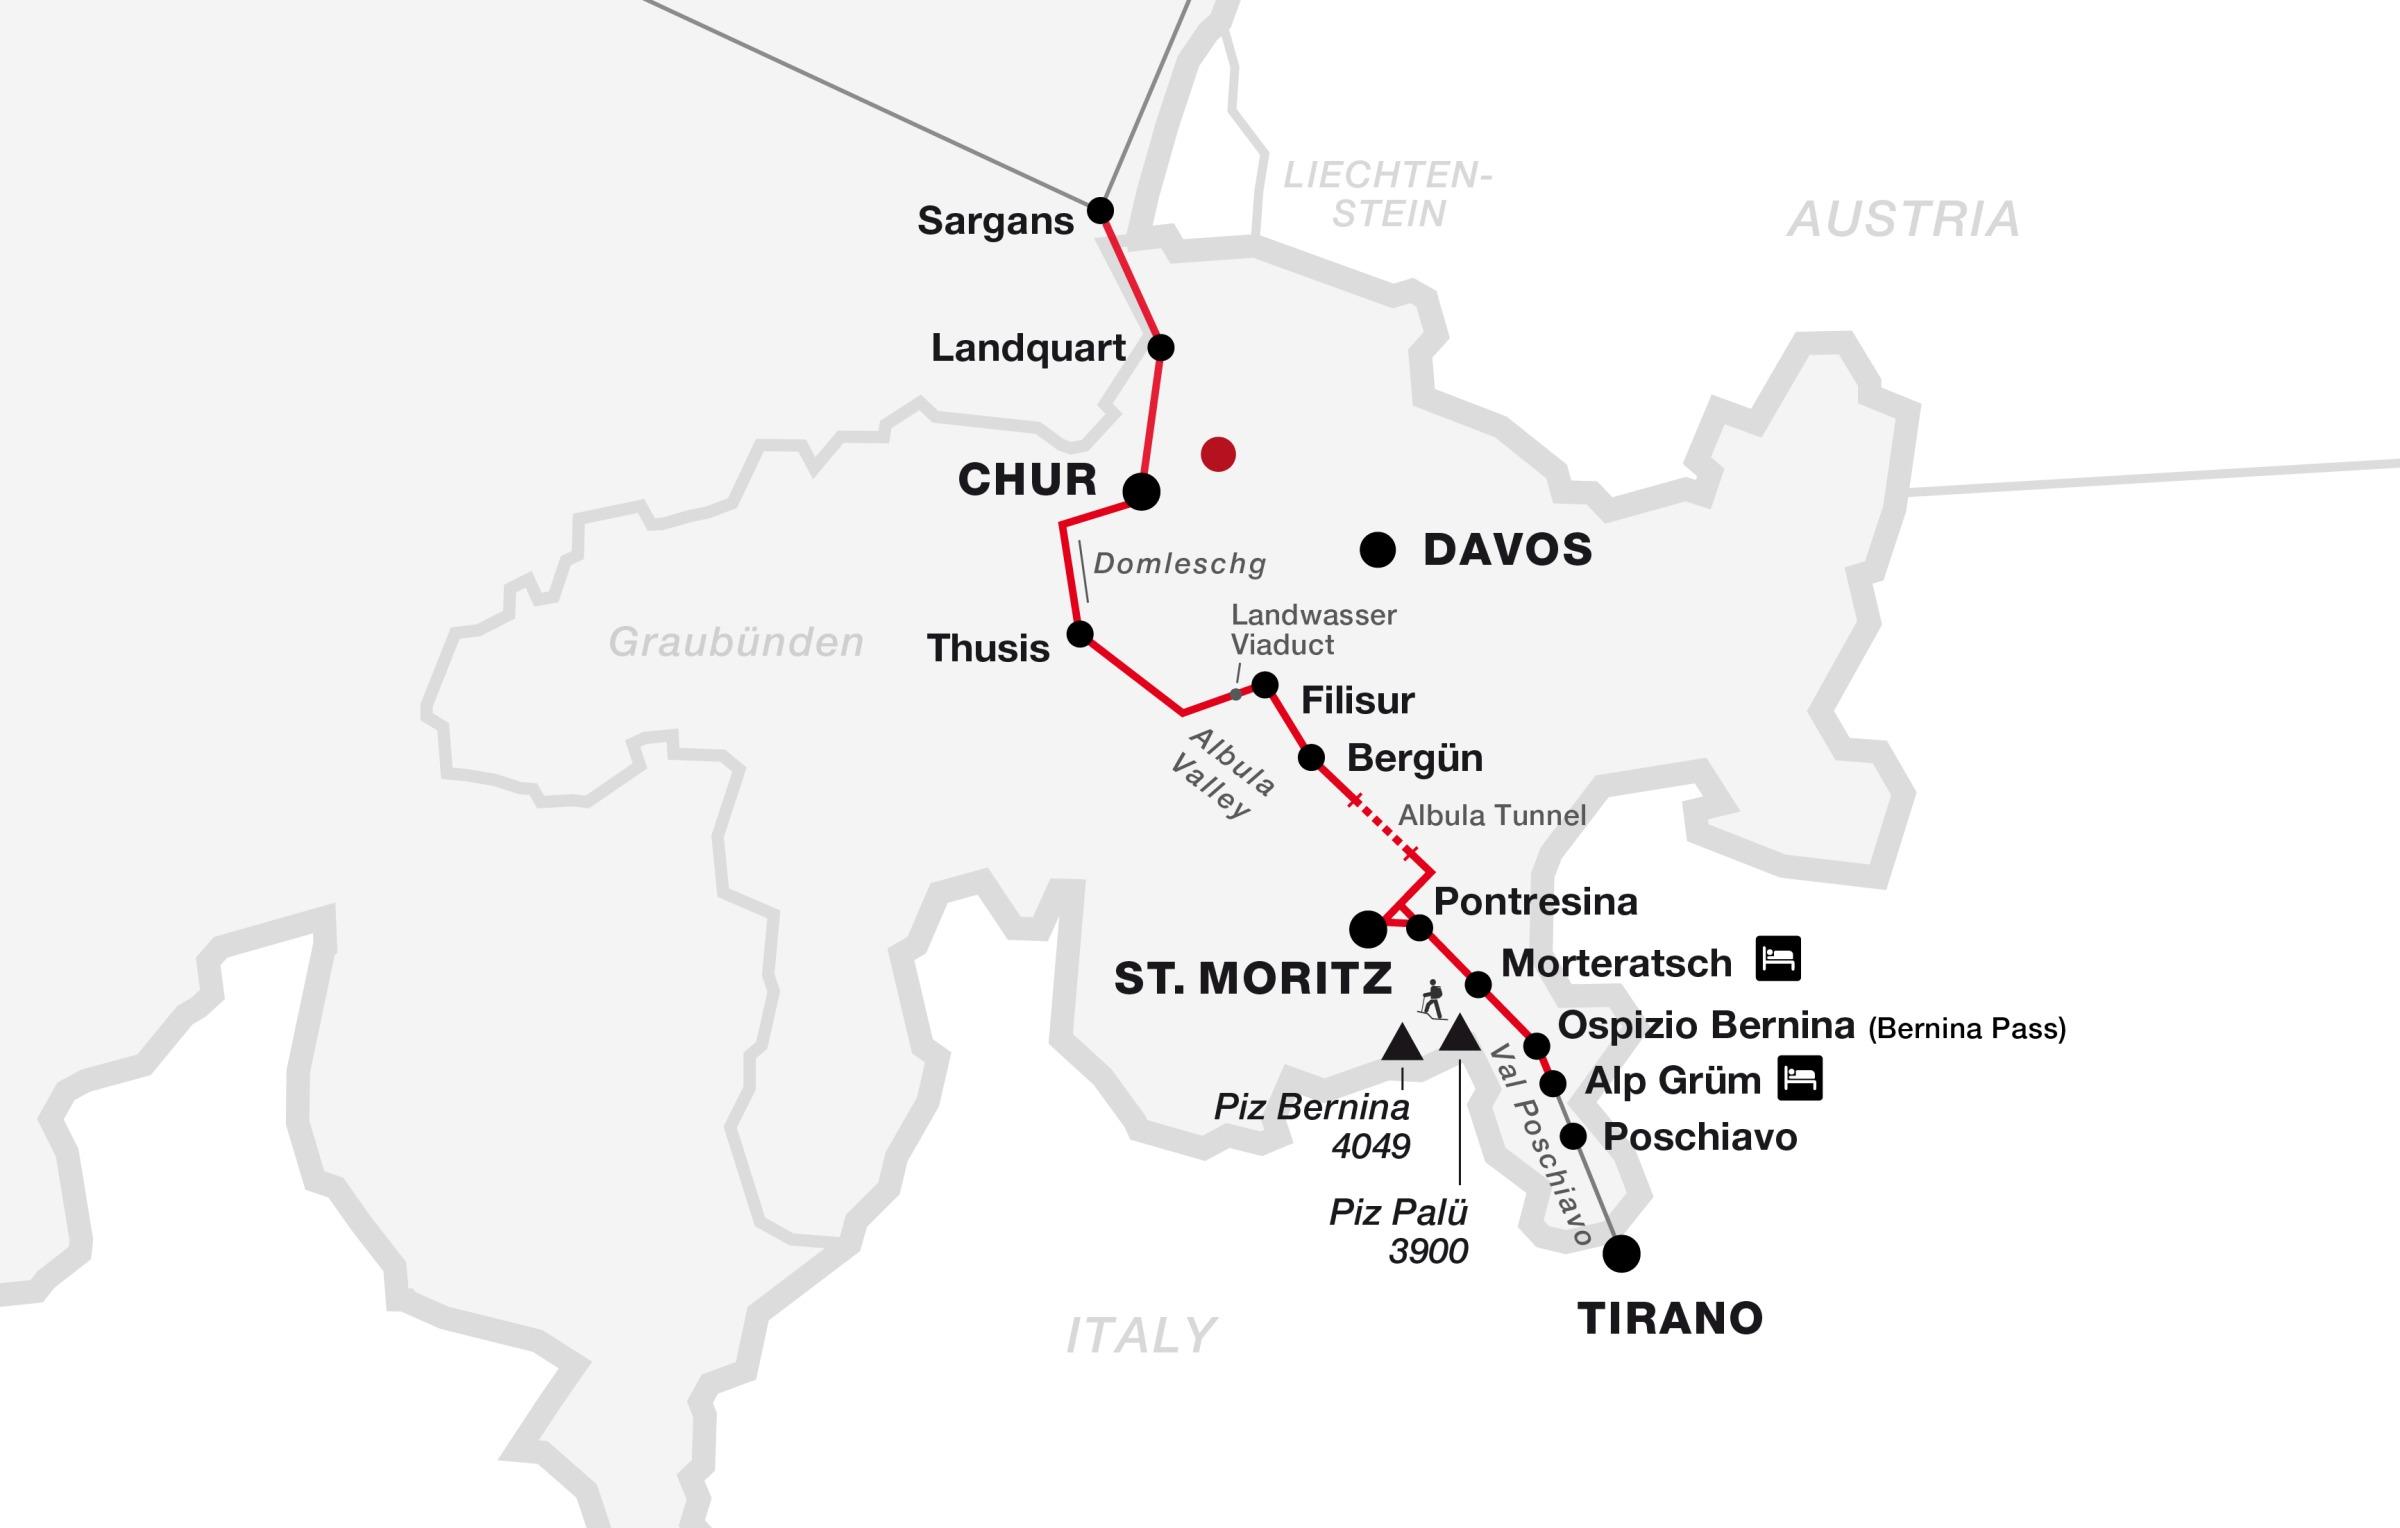 Graubuenden, Bahn/Zug